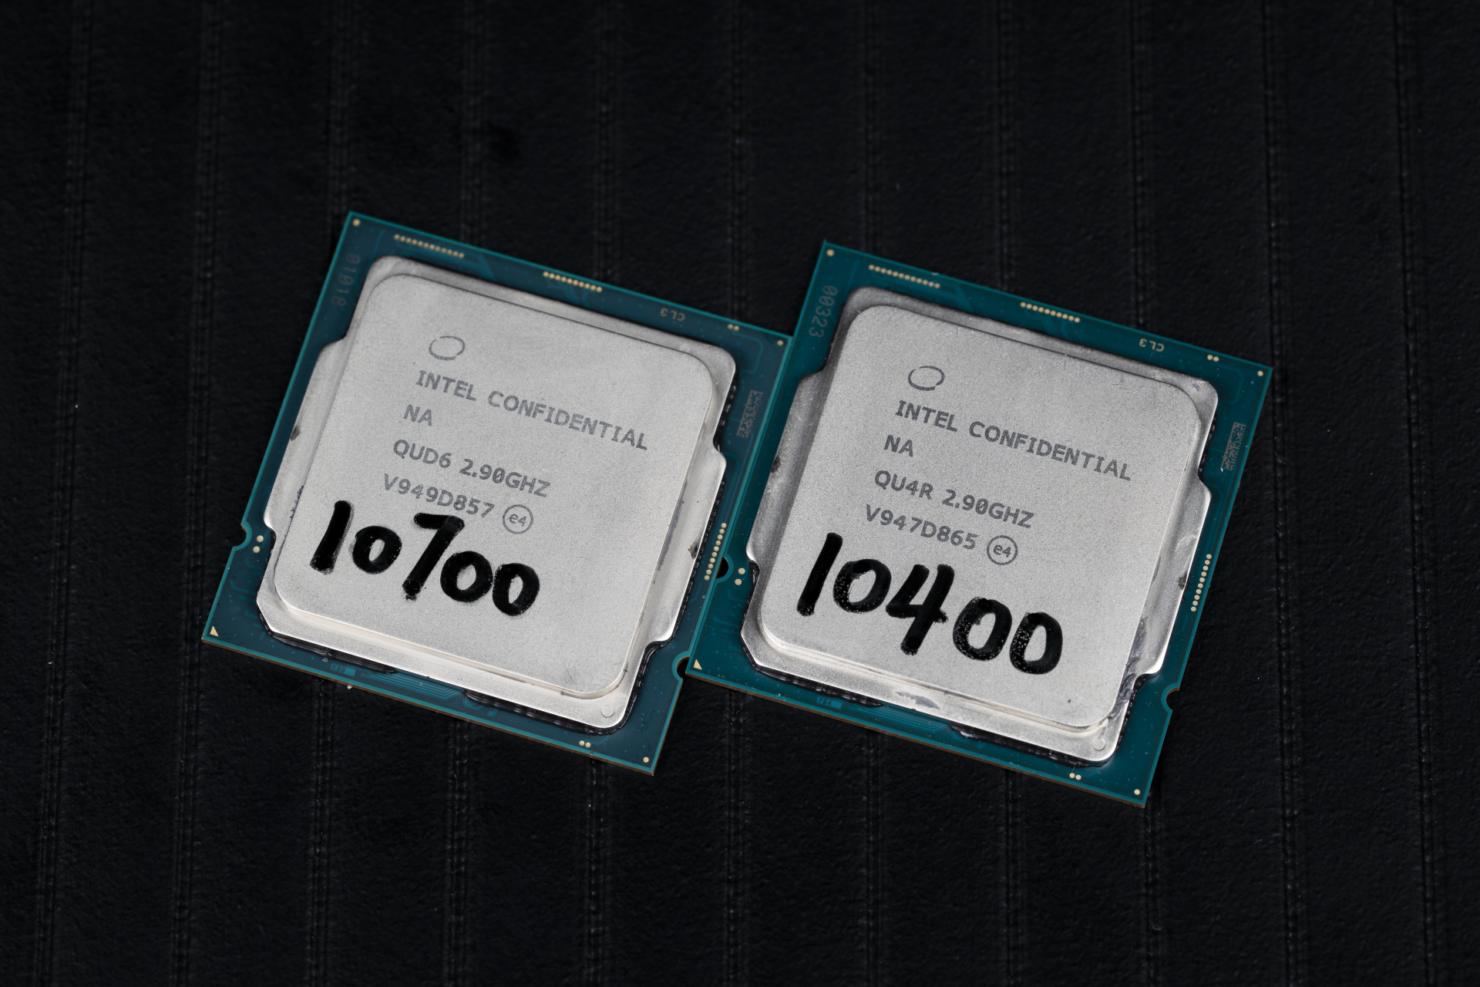 intel-10th-gen-comet-lake-s-desktop-cpus_core-i7-10700-core-i5-10400